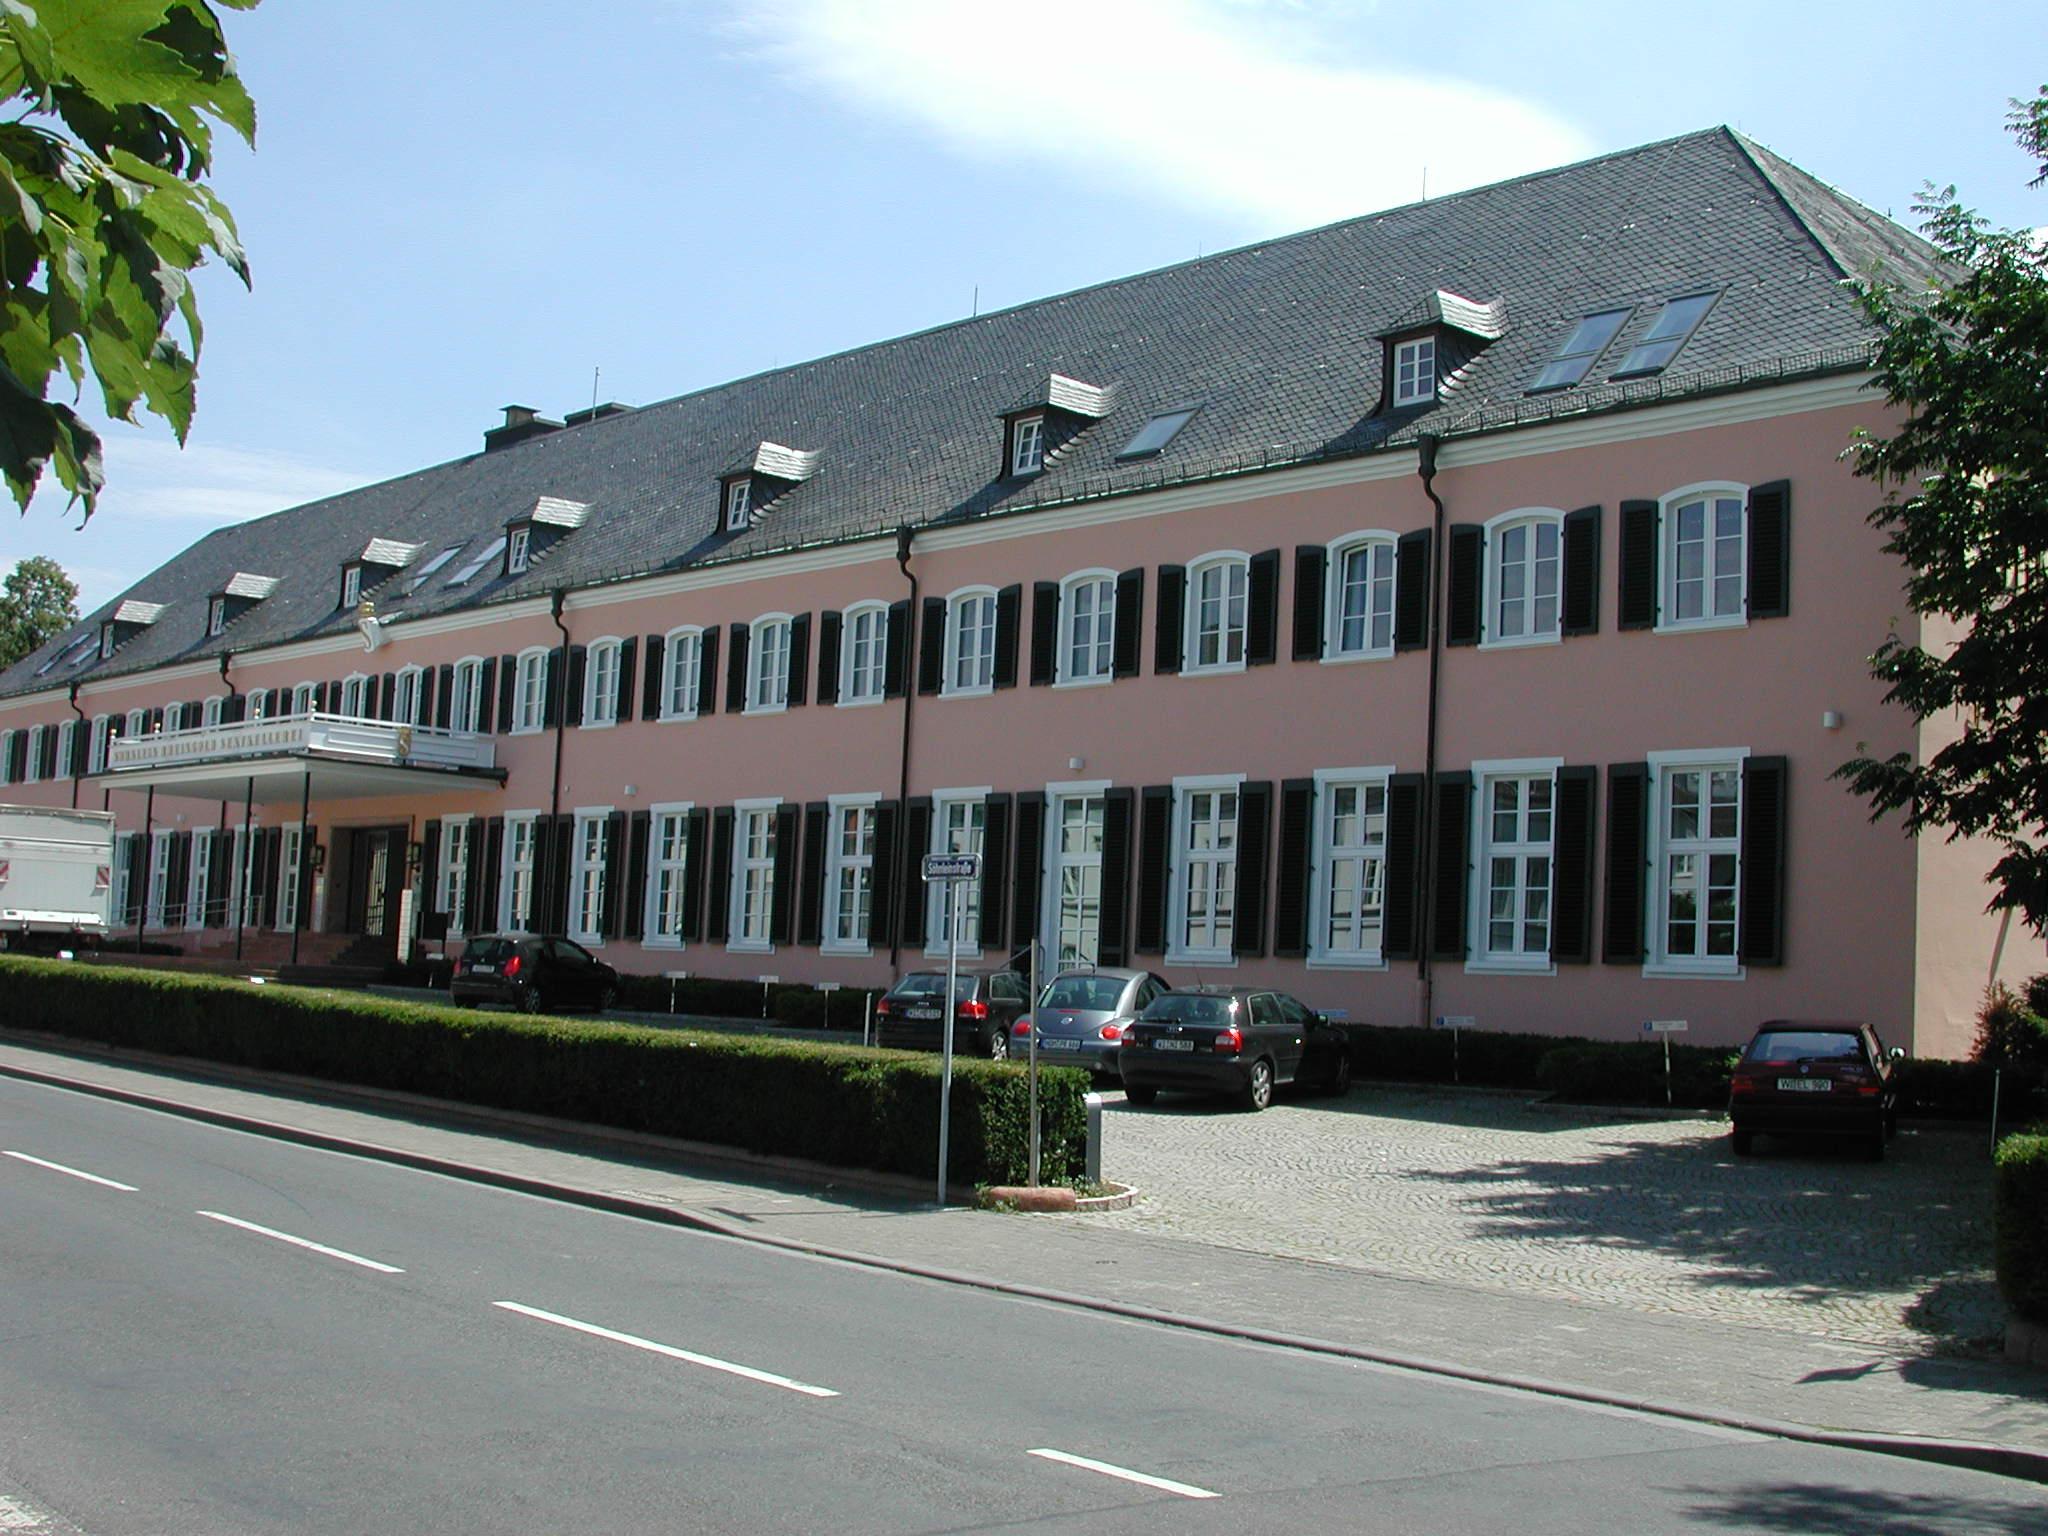 Parkhäuser Wiesbaden